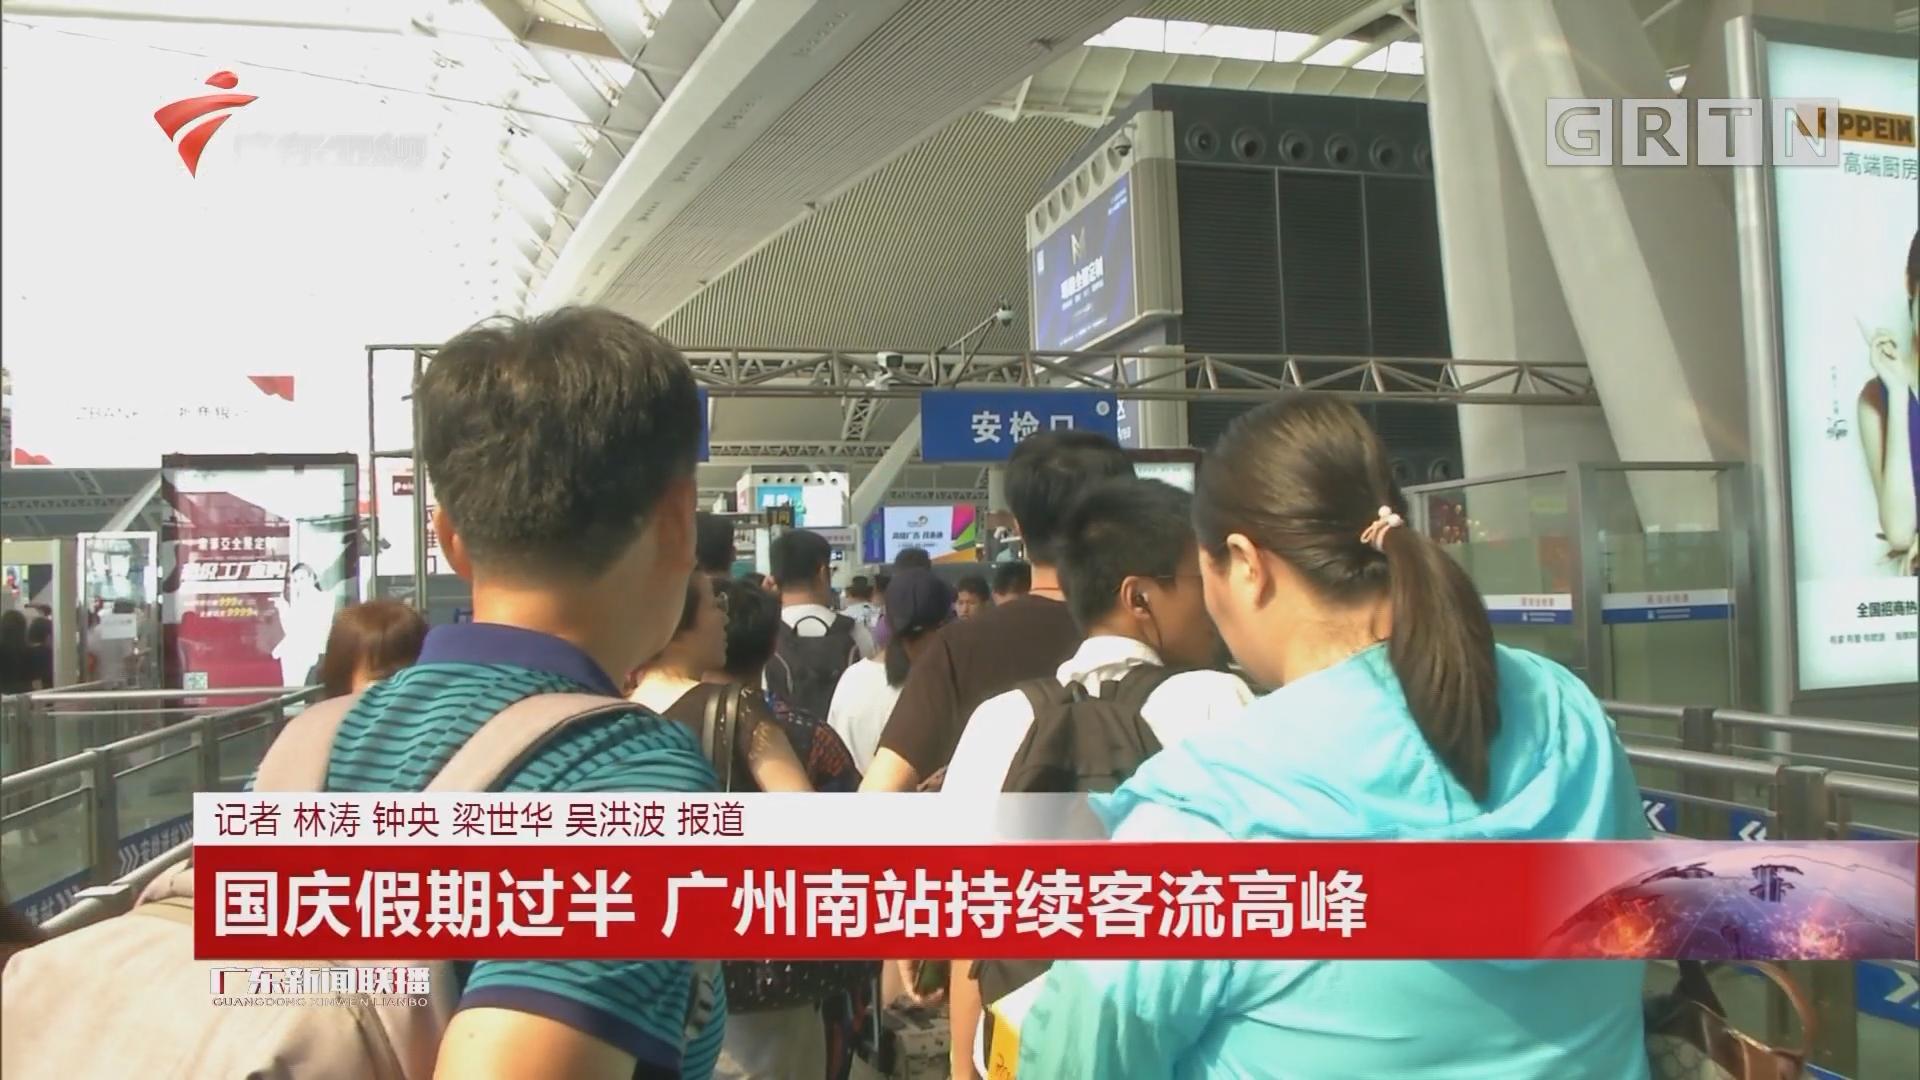 国庆假期过半 广州南站持续客流高峰